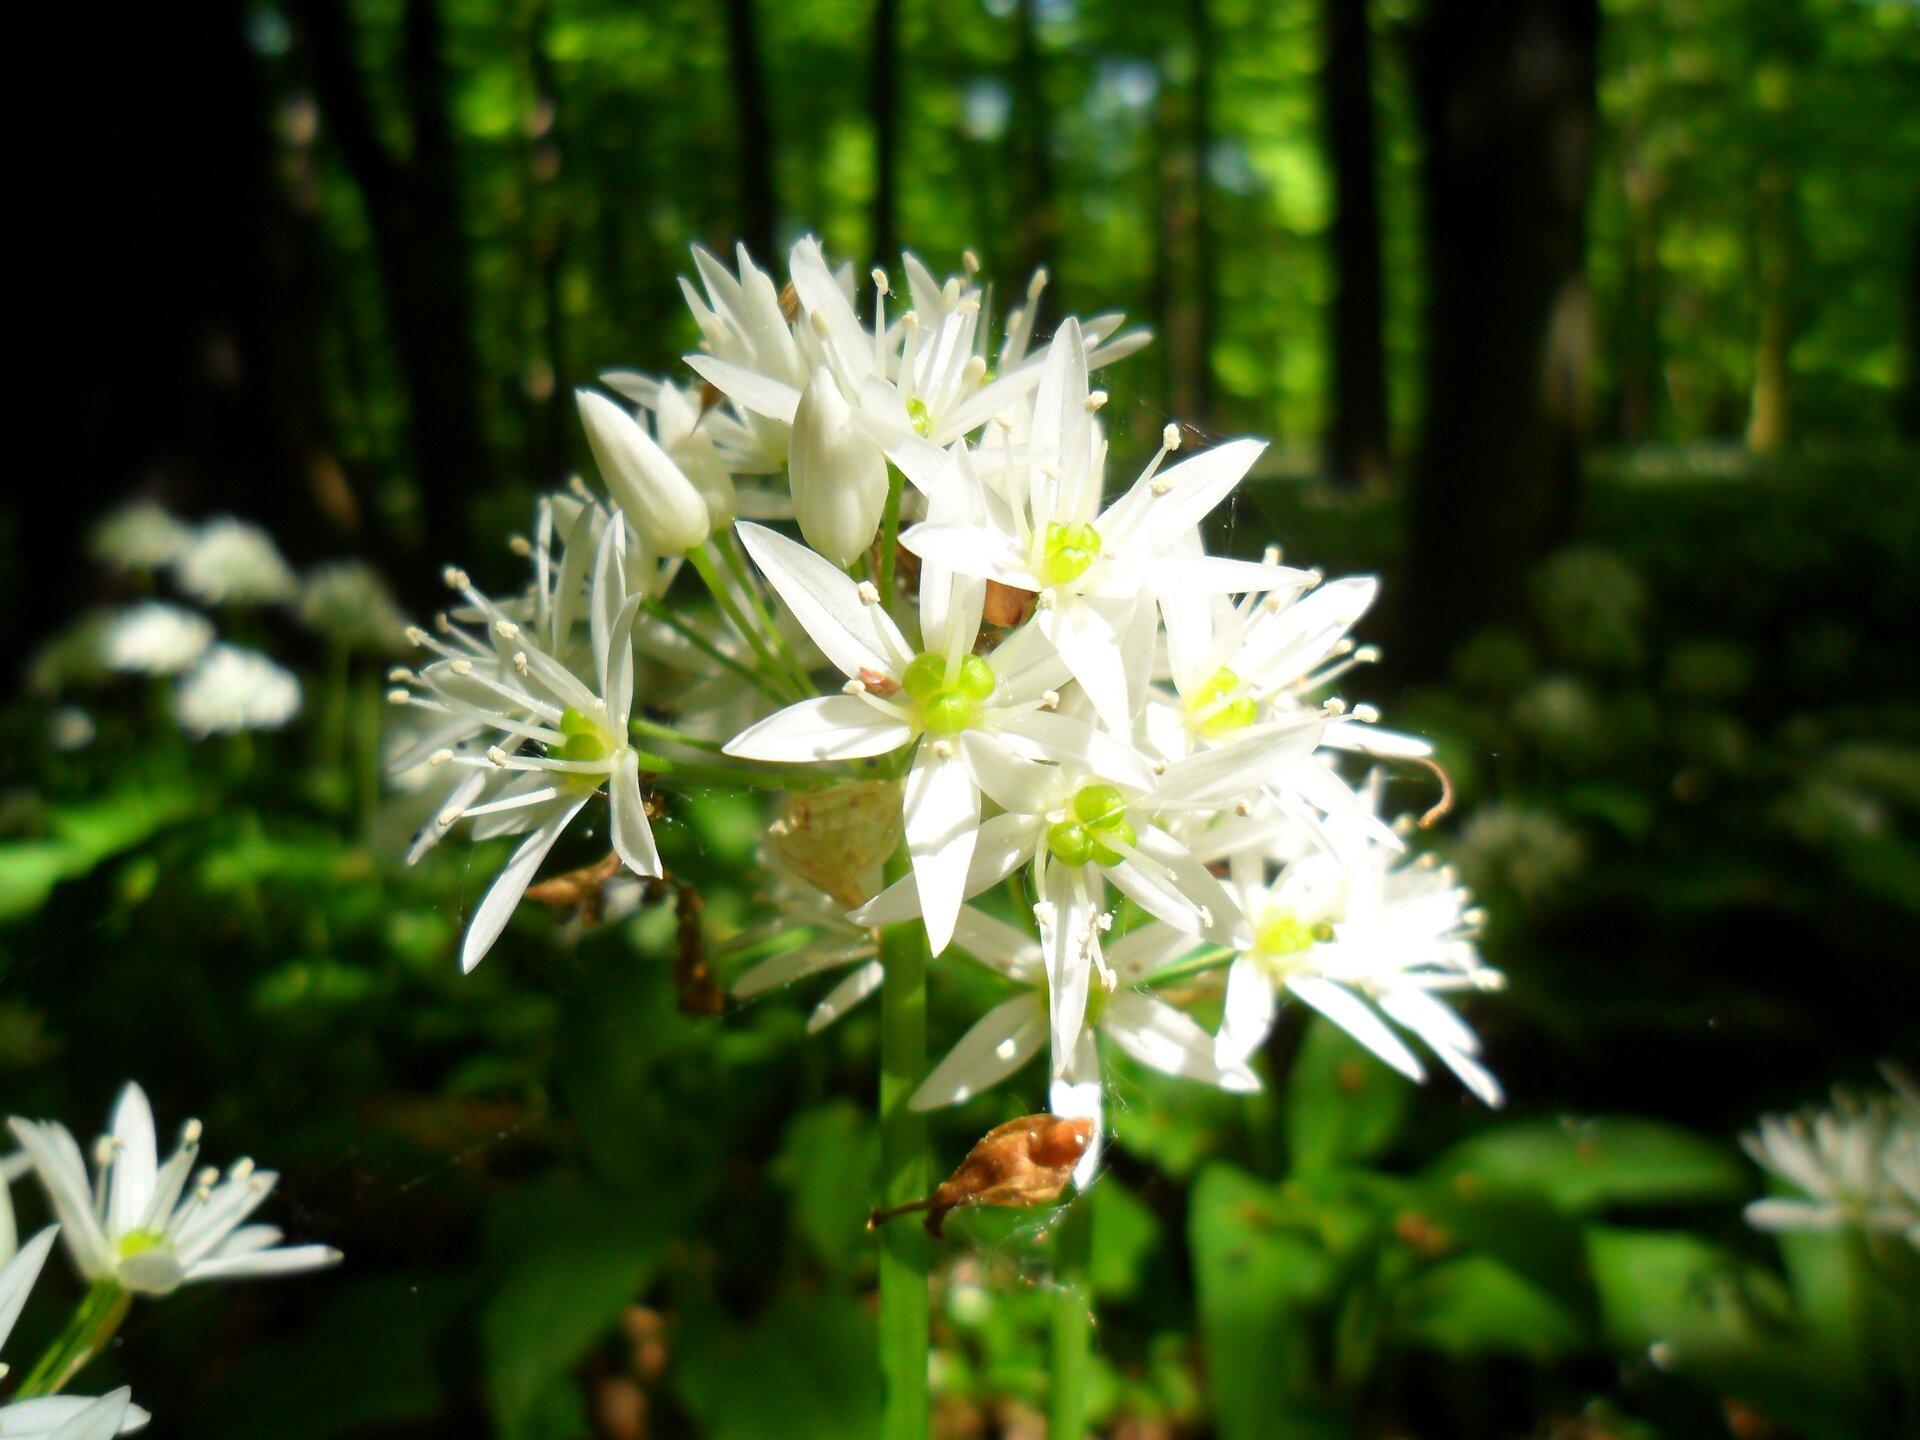 Fotografia przedstawia wzbliżeniu kwiatostan czosnku niedźwiedziego. Białe, gwiaździste kwiaty mają zielone środki.